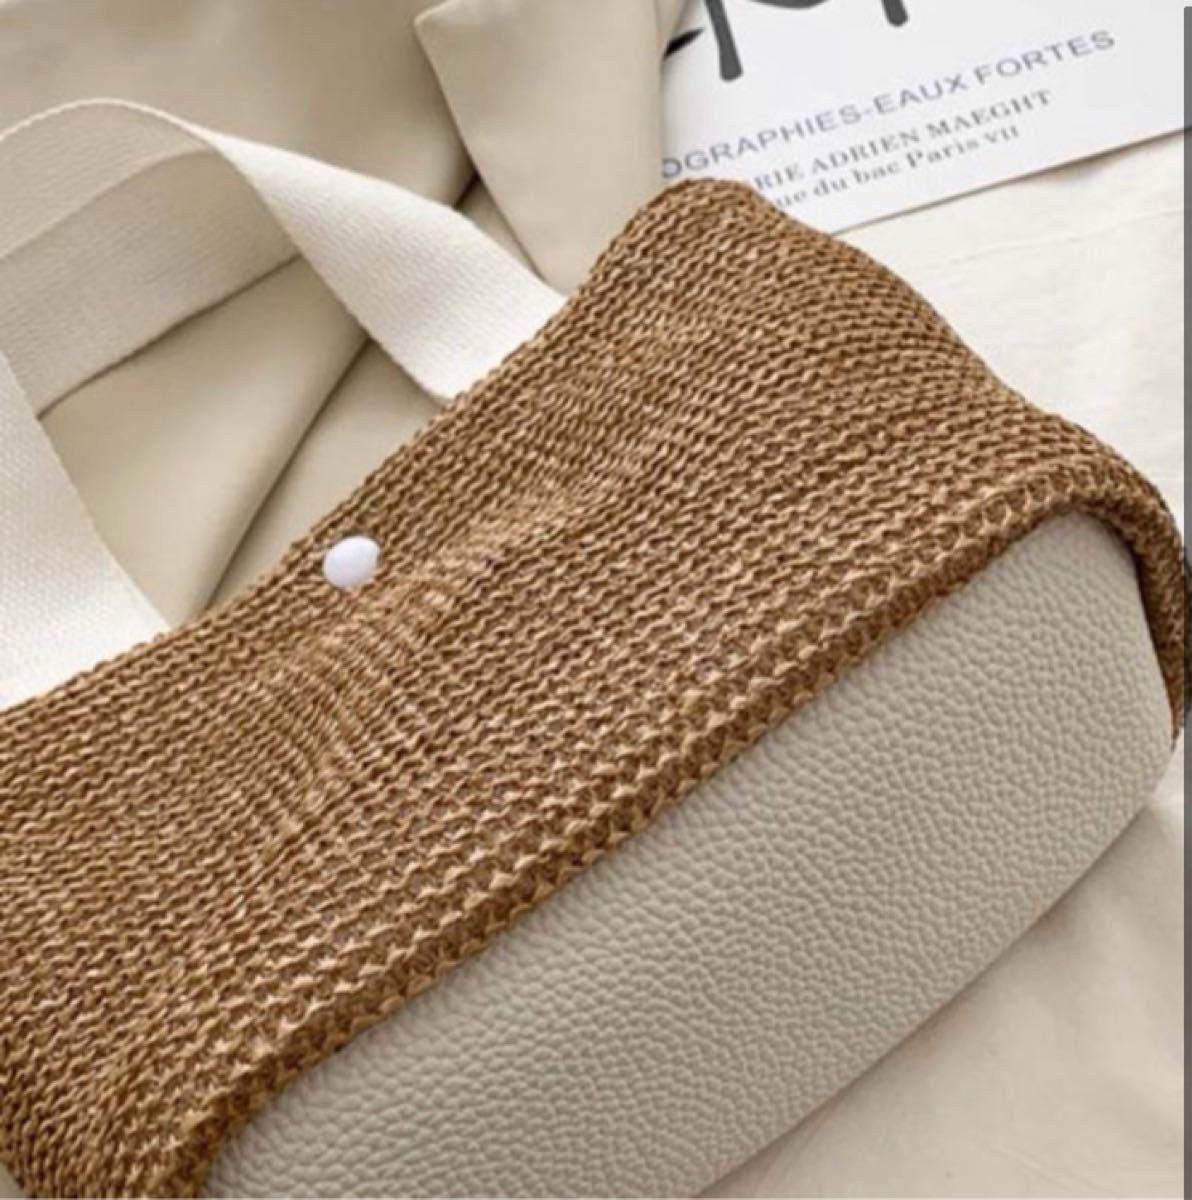 トートバッグ ホワイト ジュート 風 編み込み ミニバッグ 手提げ ランチバッグ 軽量 白 新品 韓国 即決OK